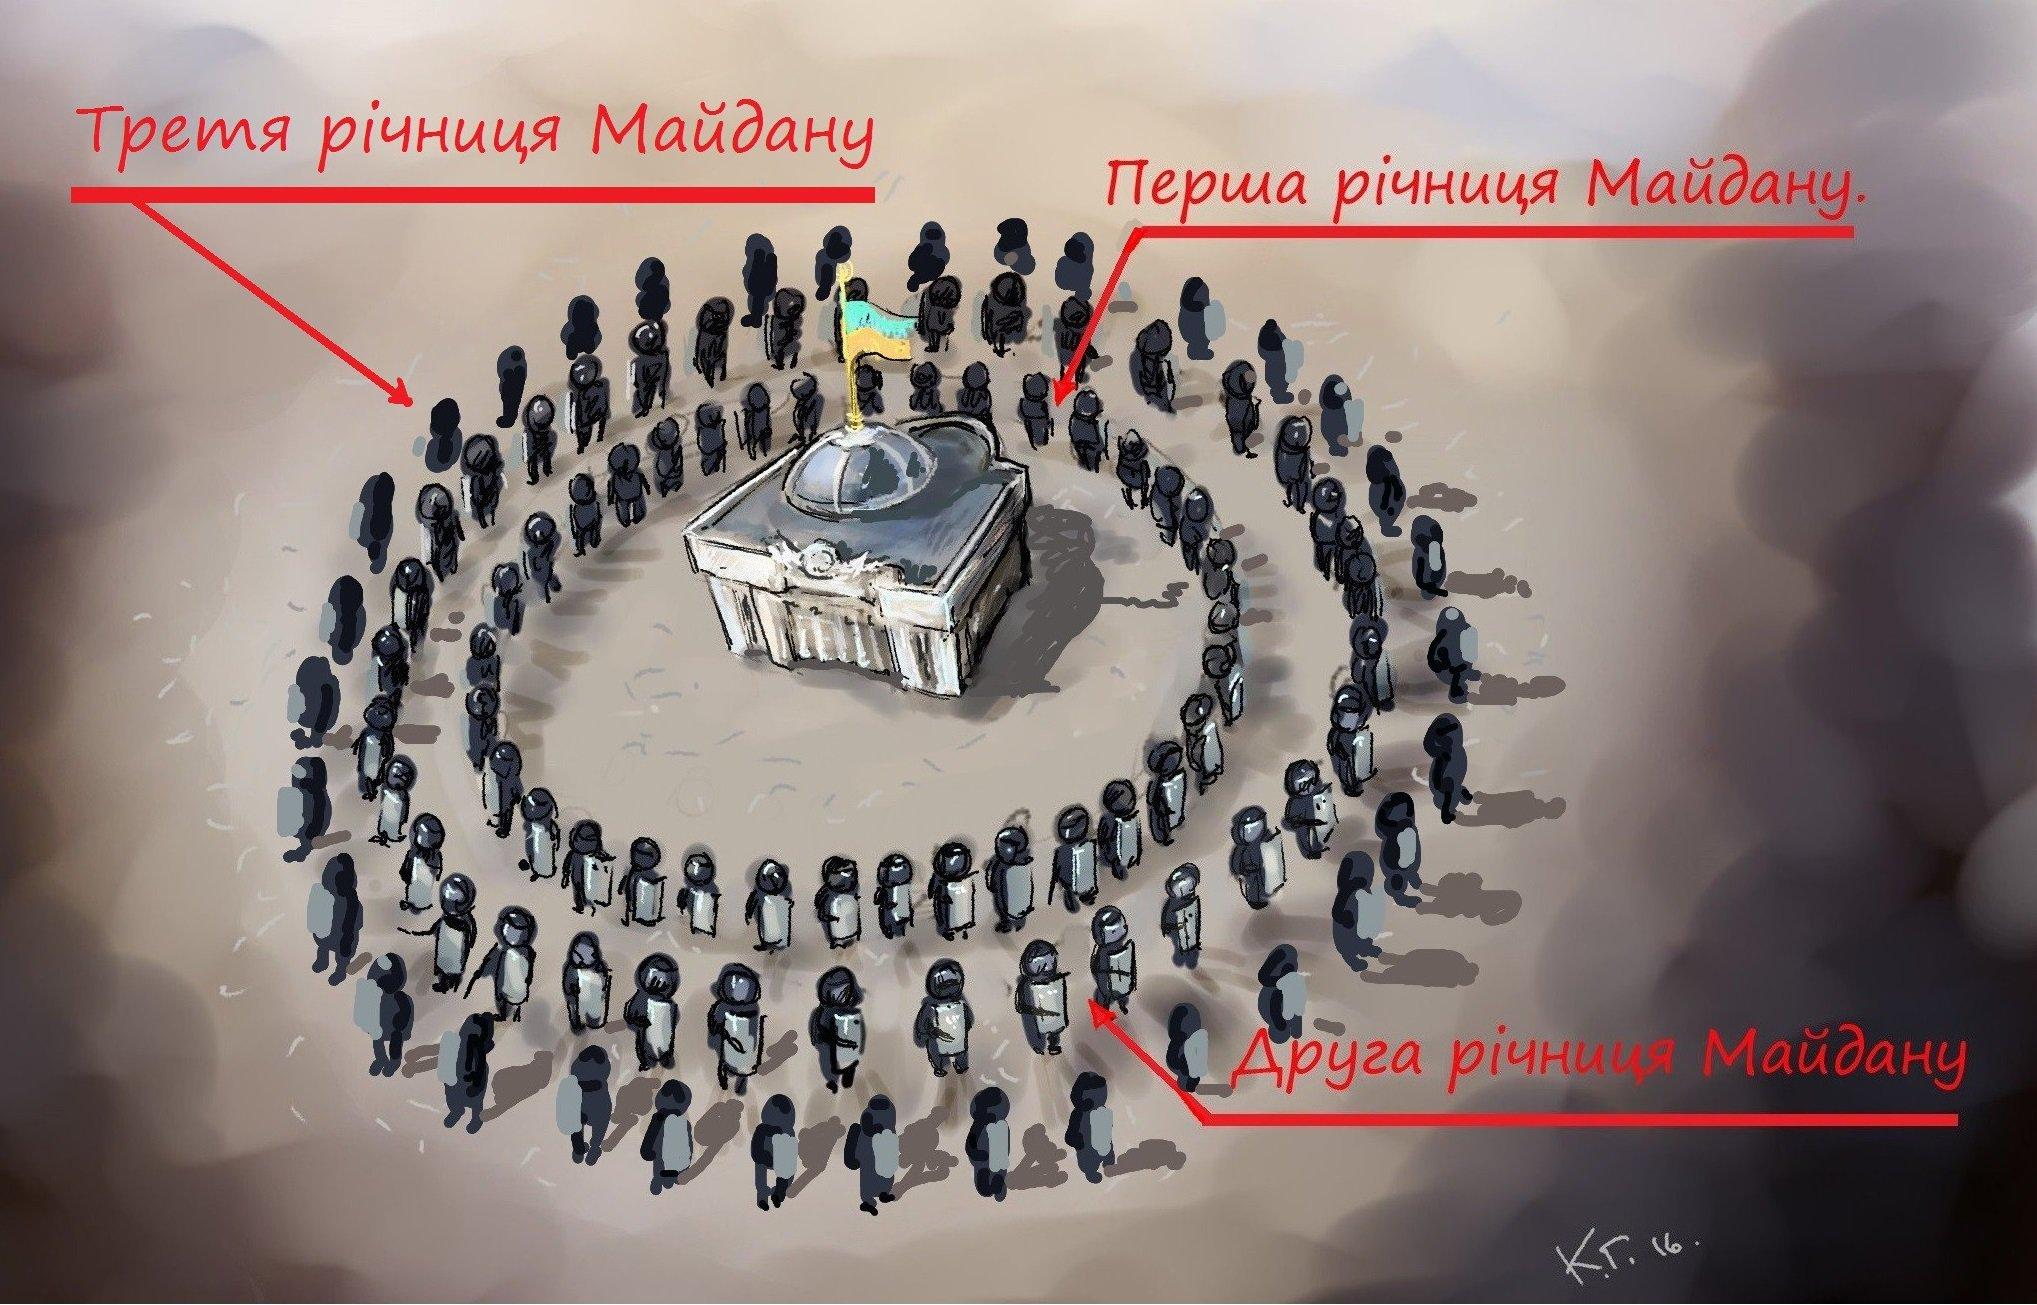 Важно, чтобы памятью героев не прикрывали политическую конъюнктуру, бездействие и предательство, - обращение Турчинова в День памяти Героев Небесной Сотни - Цензор.НЕТ 2468